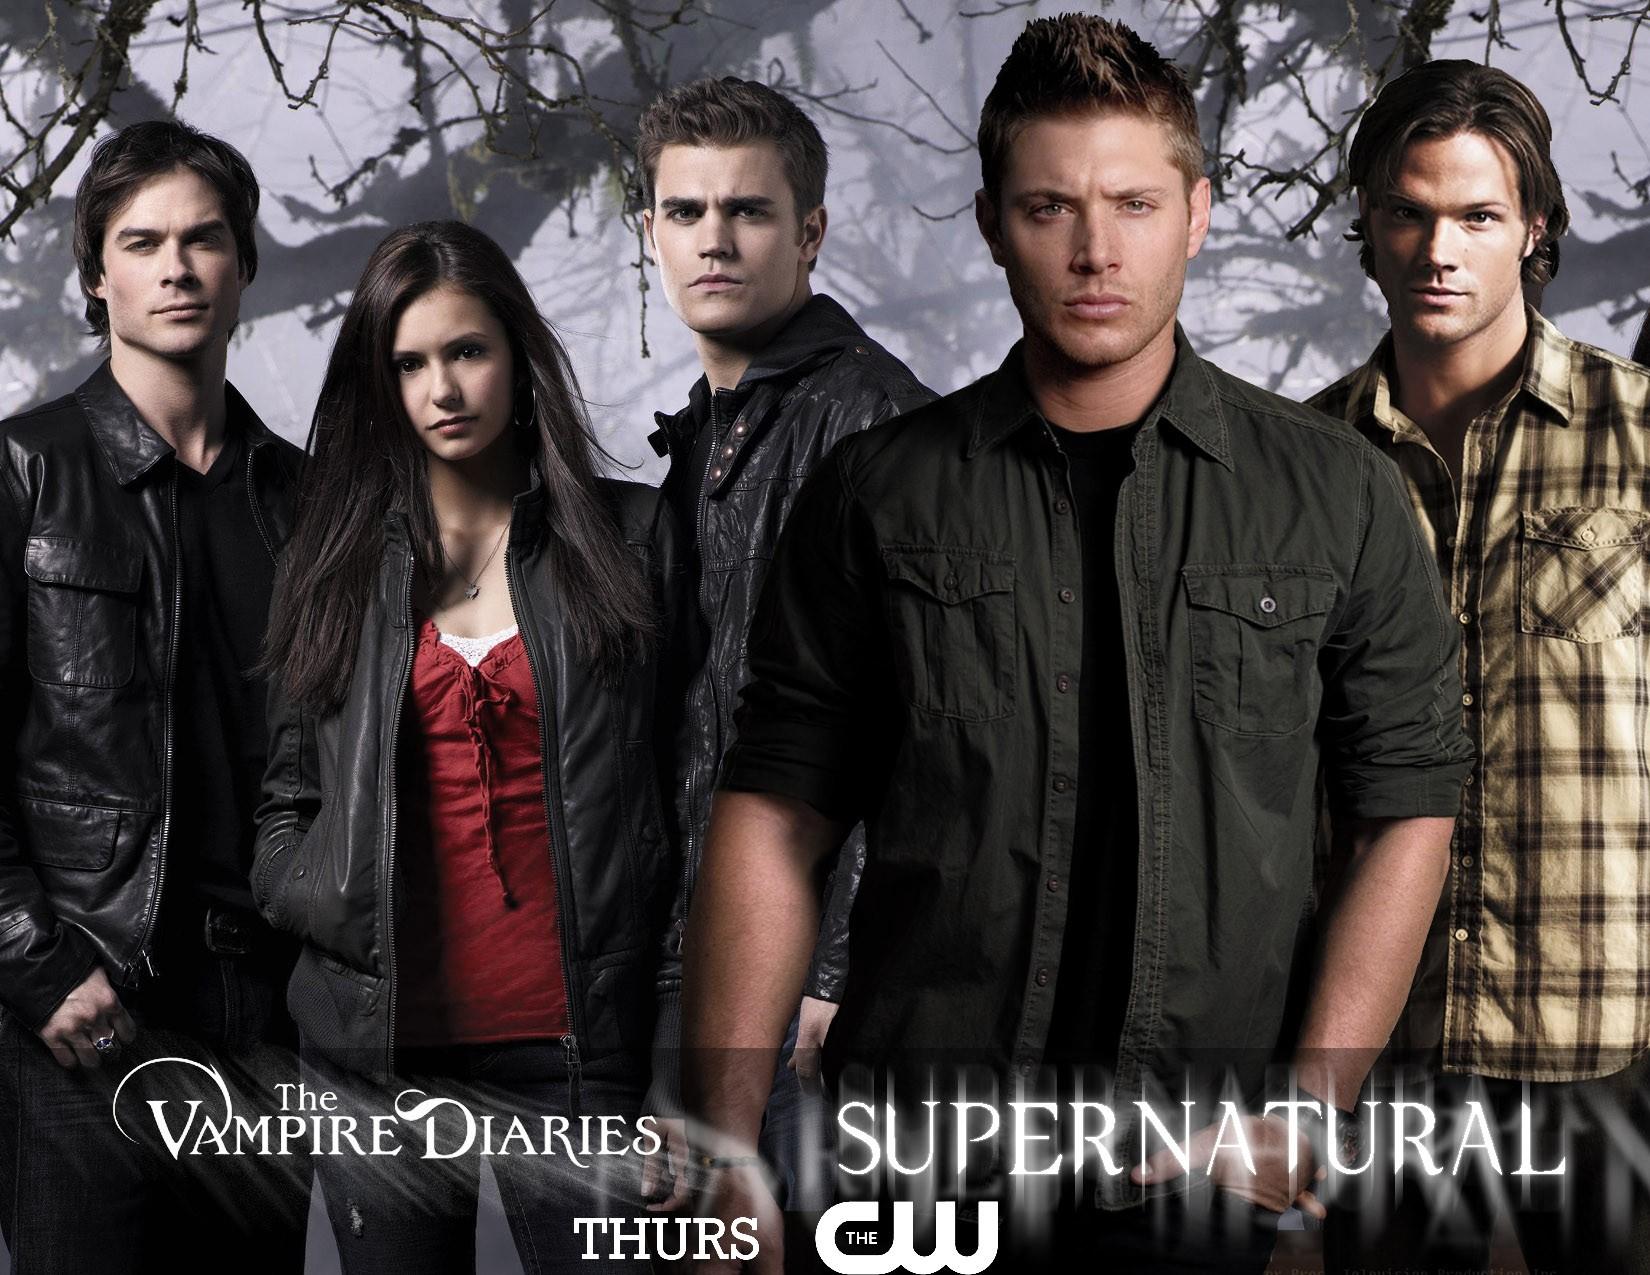 Wallpaper: un manifesto pubblicitario per le serie tv The Vampire Diaries e Supernatural